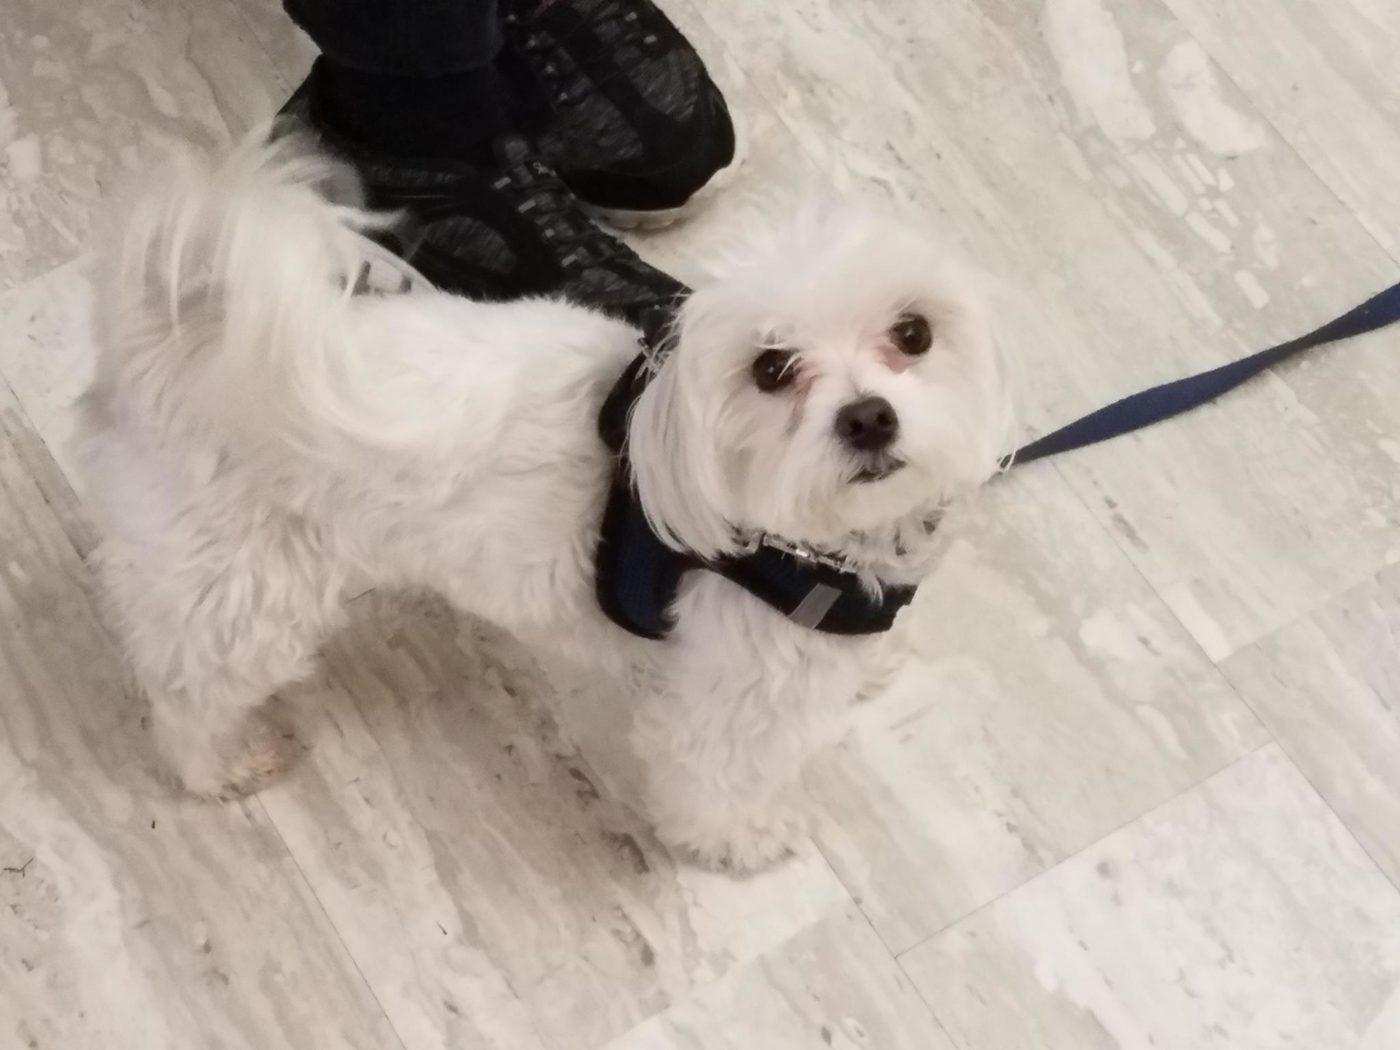 #maltesedogtraining #smalldogtraining, #barkbustersdogtrainingbrooklyn